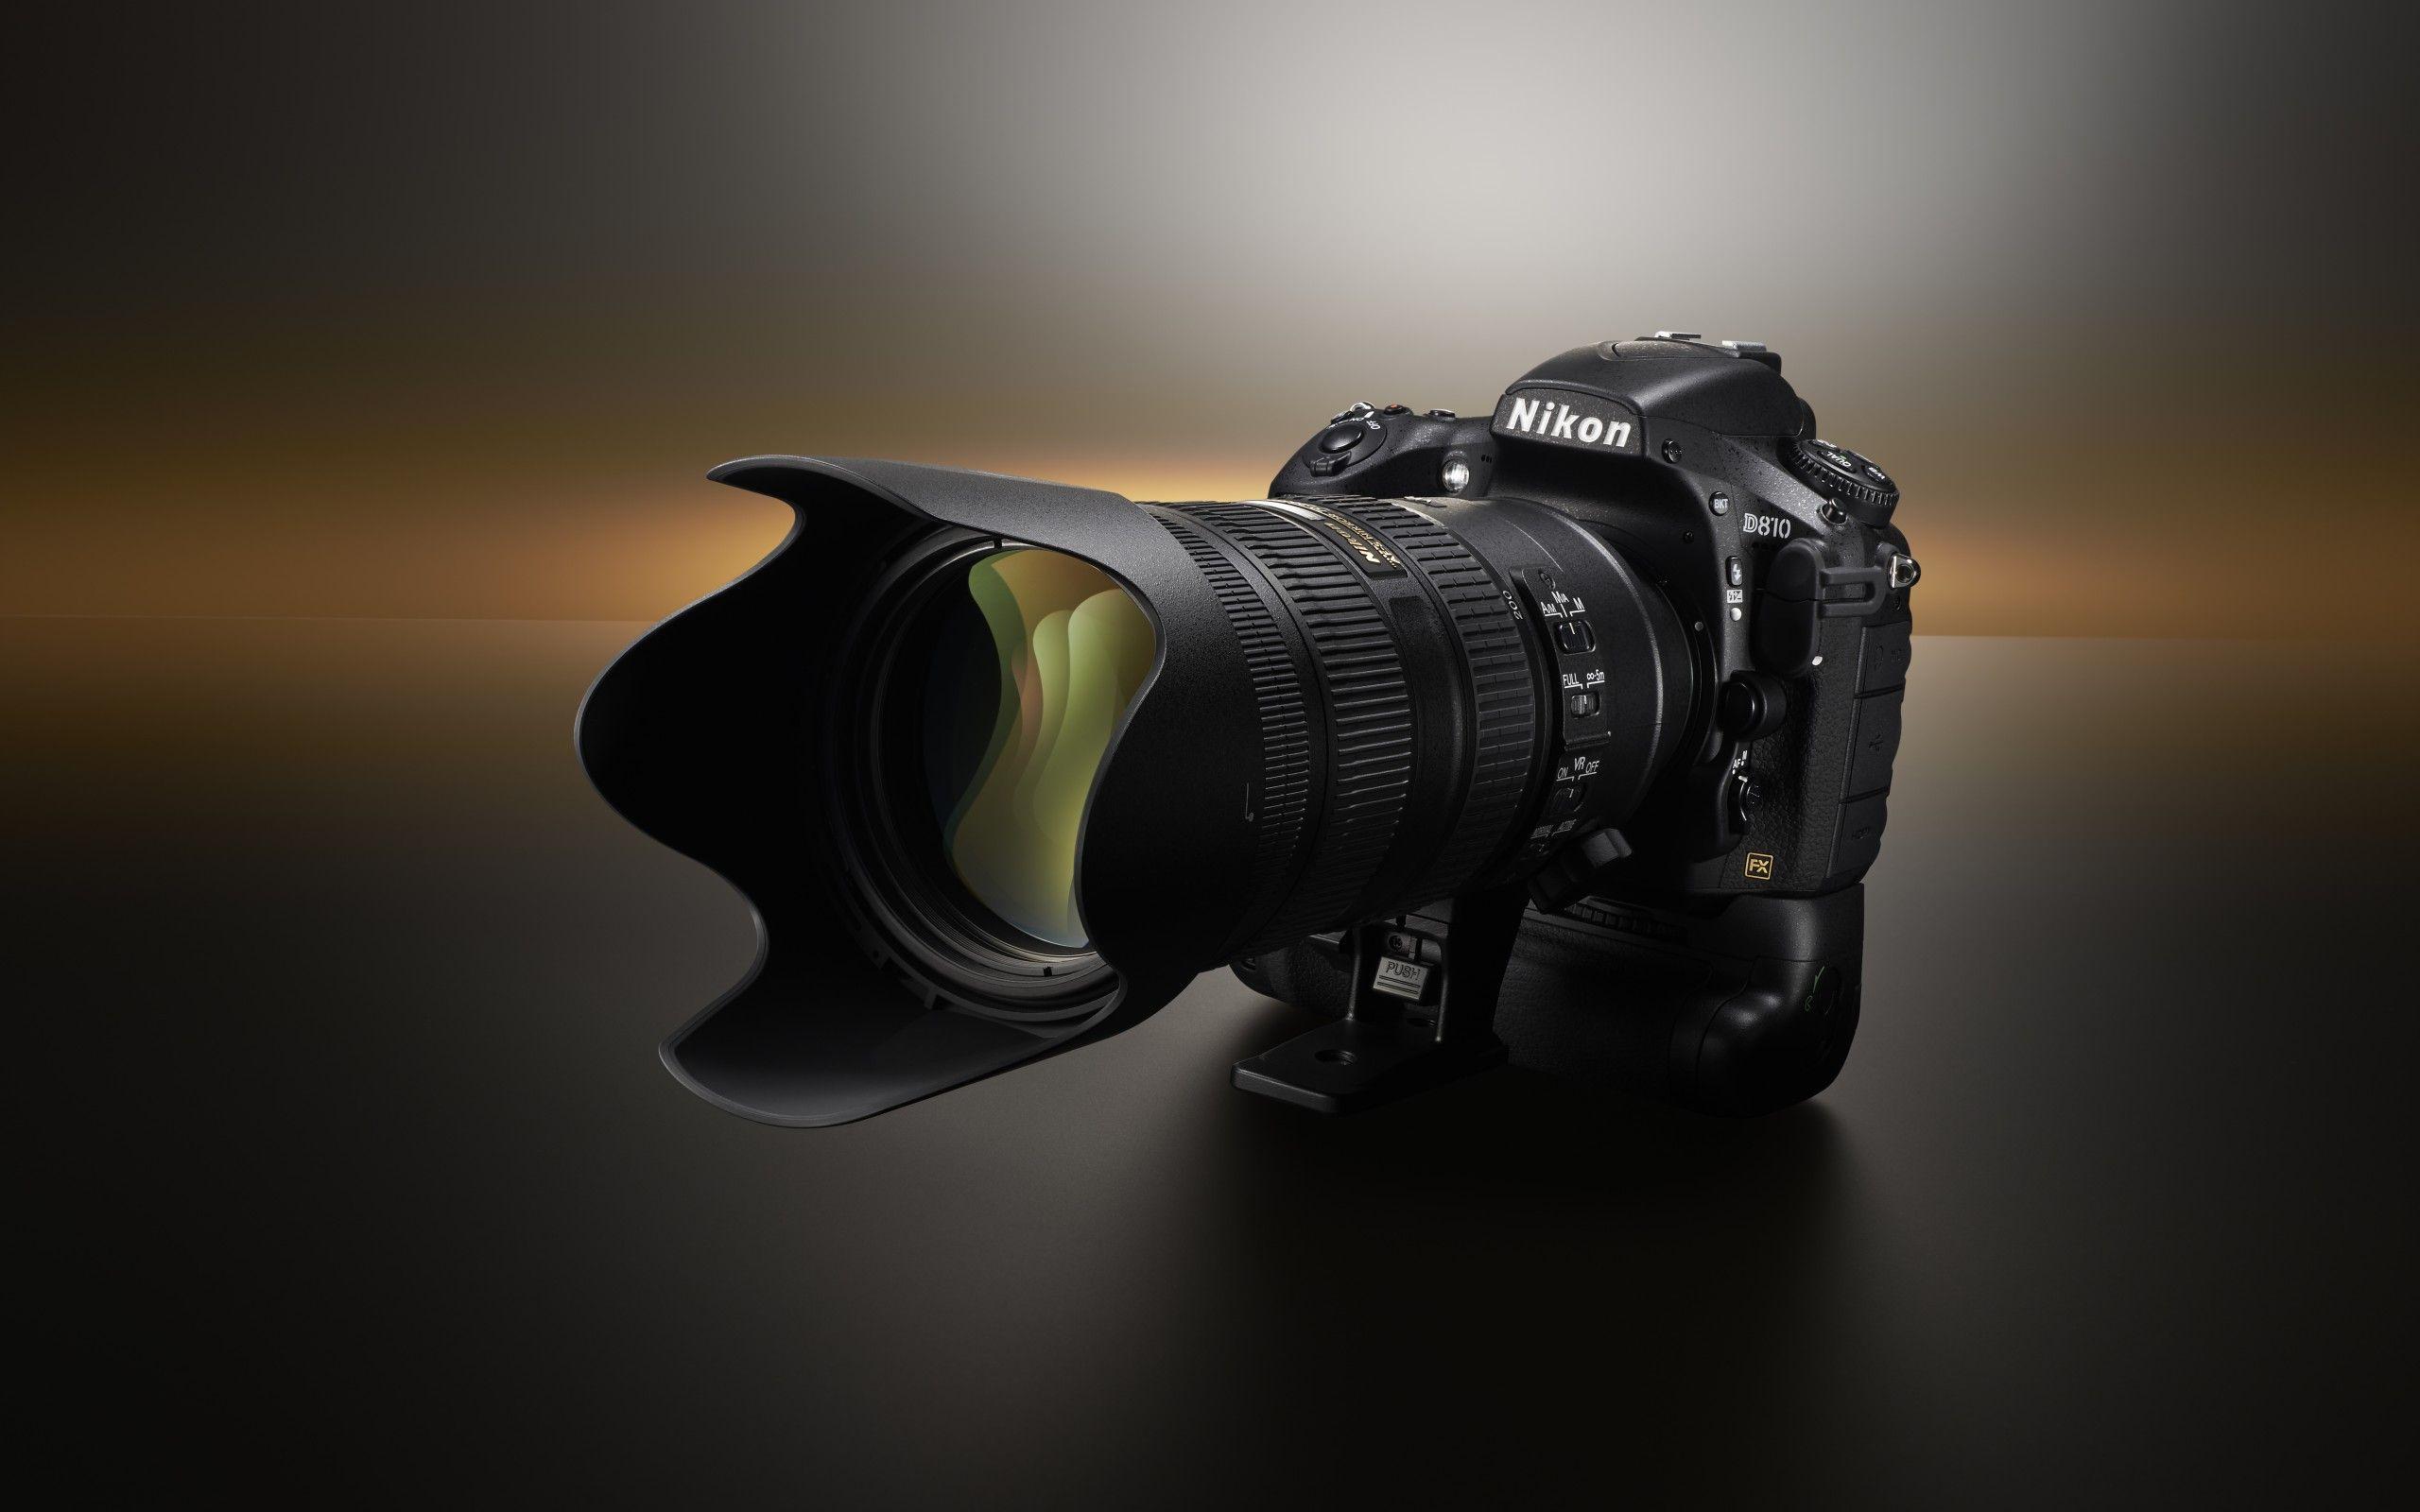 تصویر مطبوعاتی دوربین نیکون D850 پیش از معرفی رسمی منتشر شد